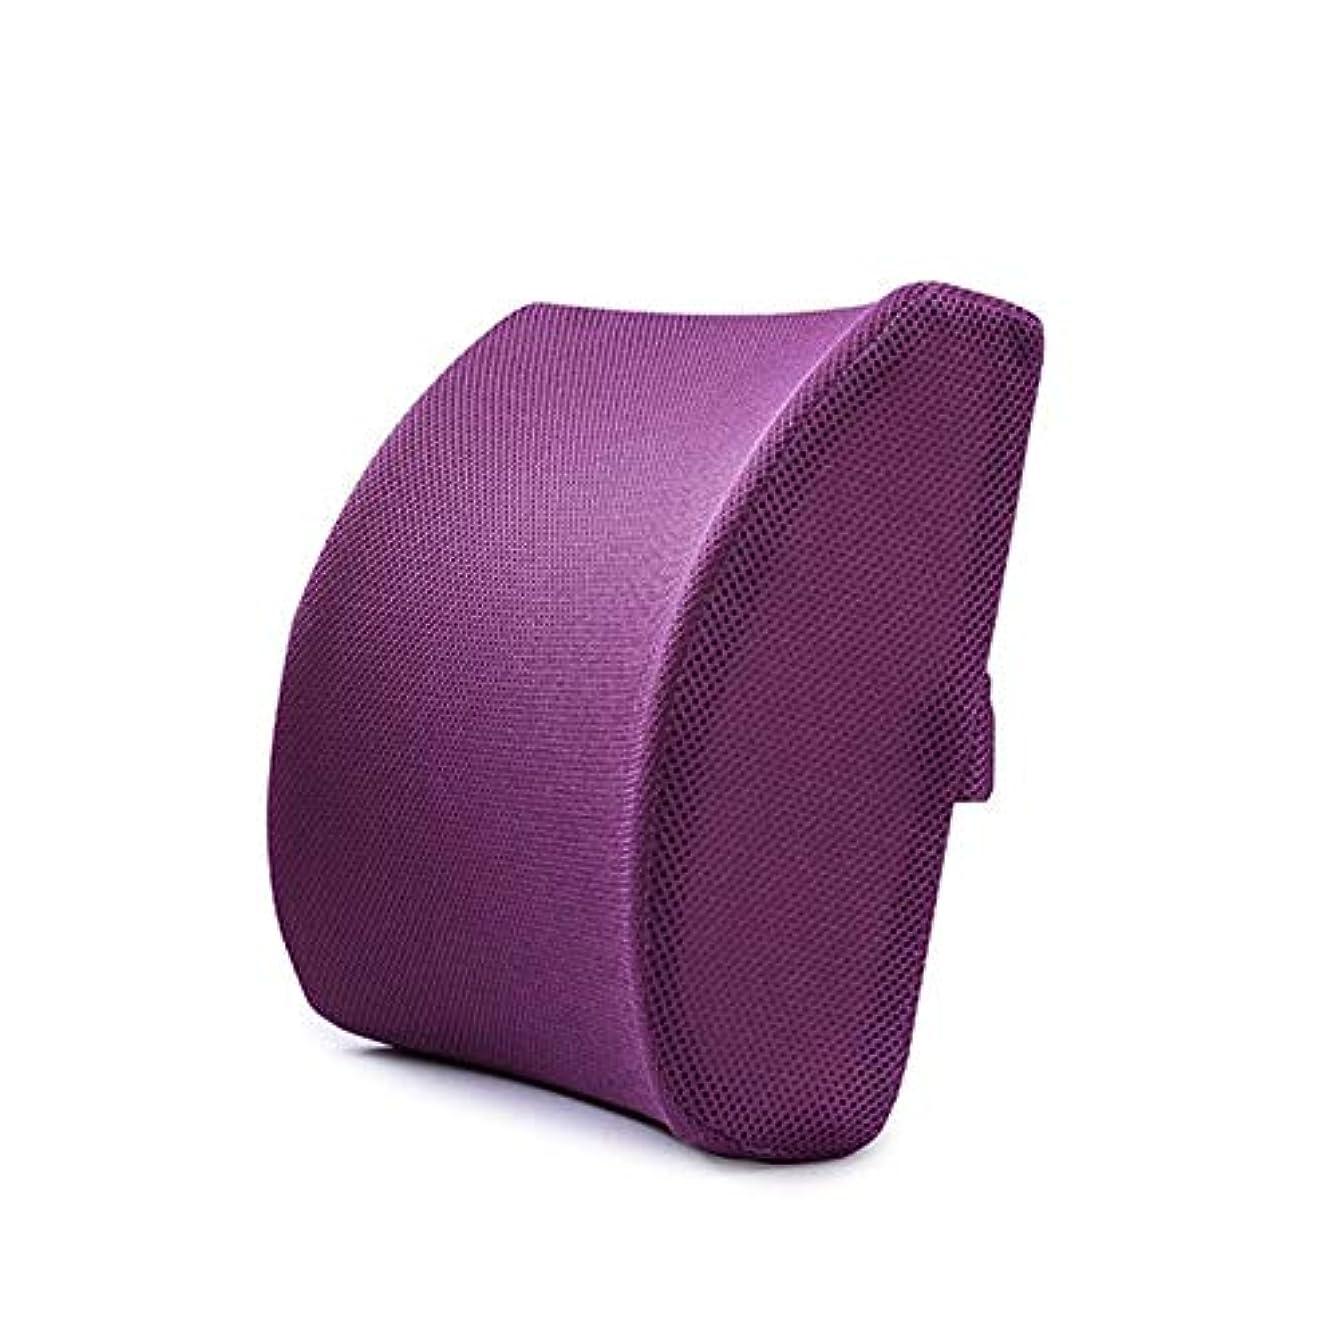 泳ぐ蓋伝染病LIFE ホームオフィス背もたれ椅子腰椎クッションカーシートネック枕 3D 低反発サポートバックマッサージウエストレスリビング枕 クッション 椅子